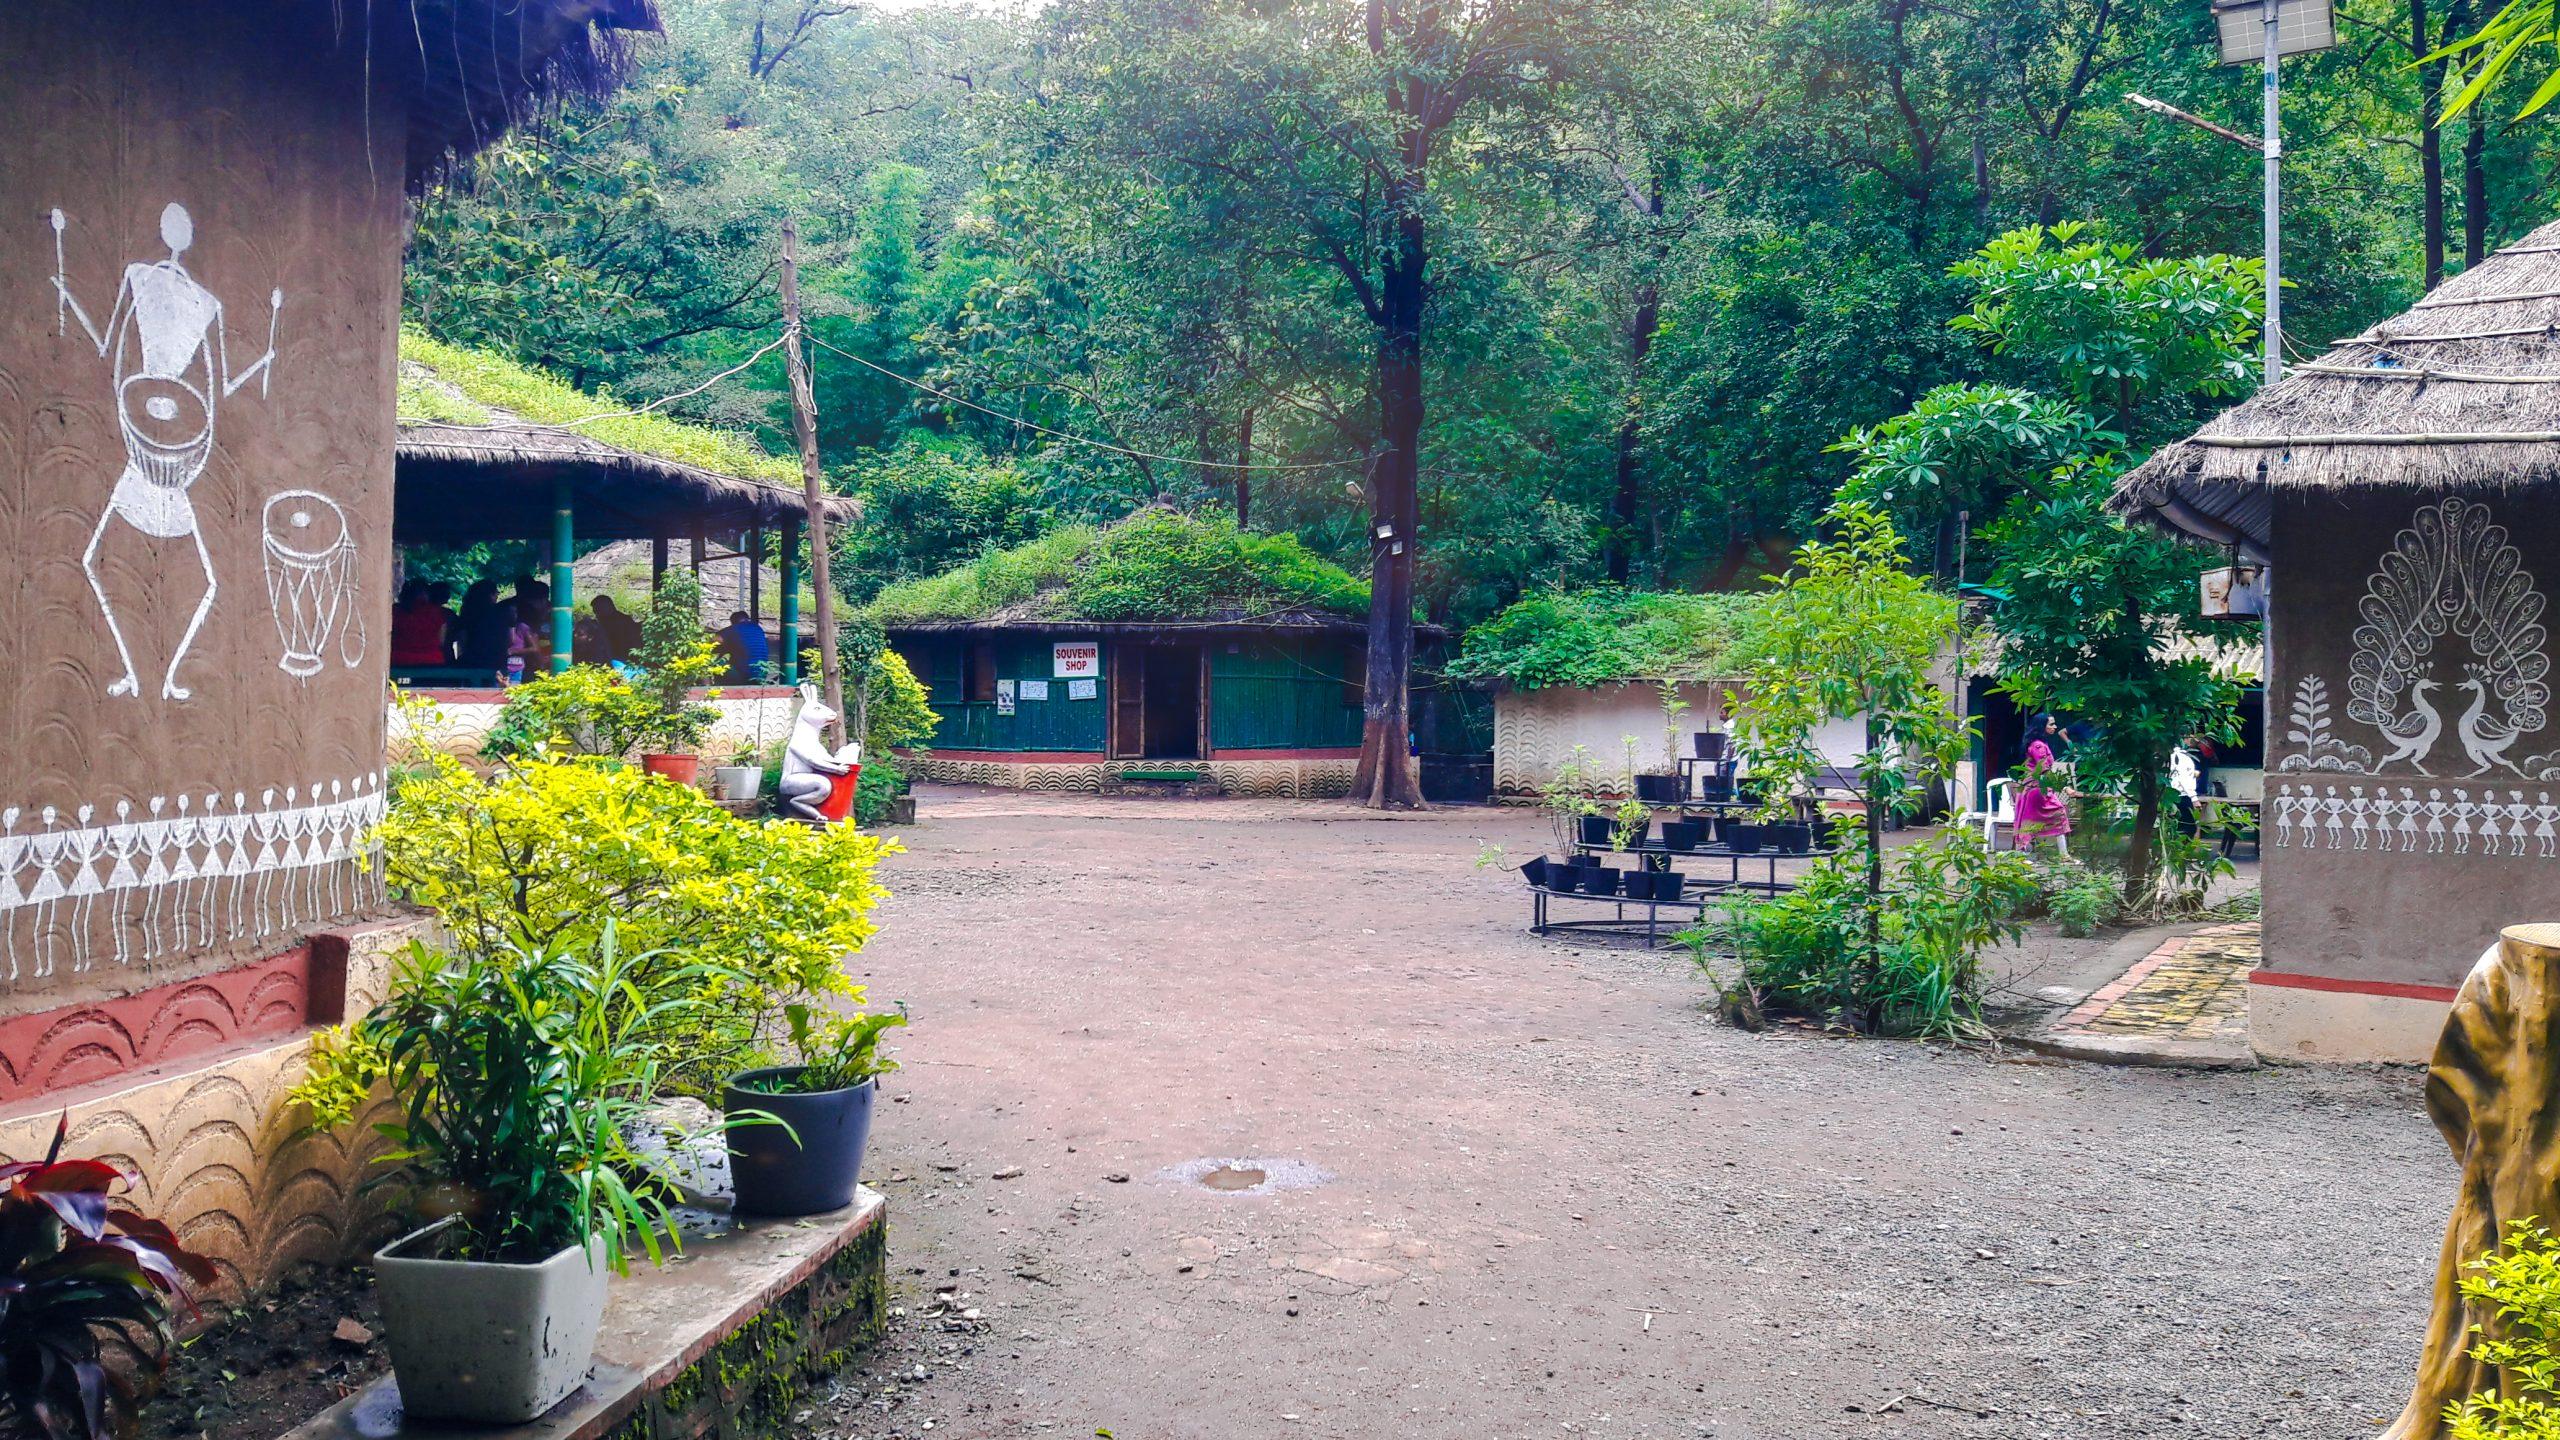 A small village in a jungle